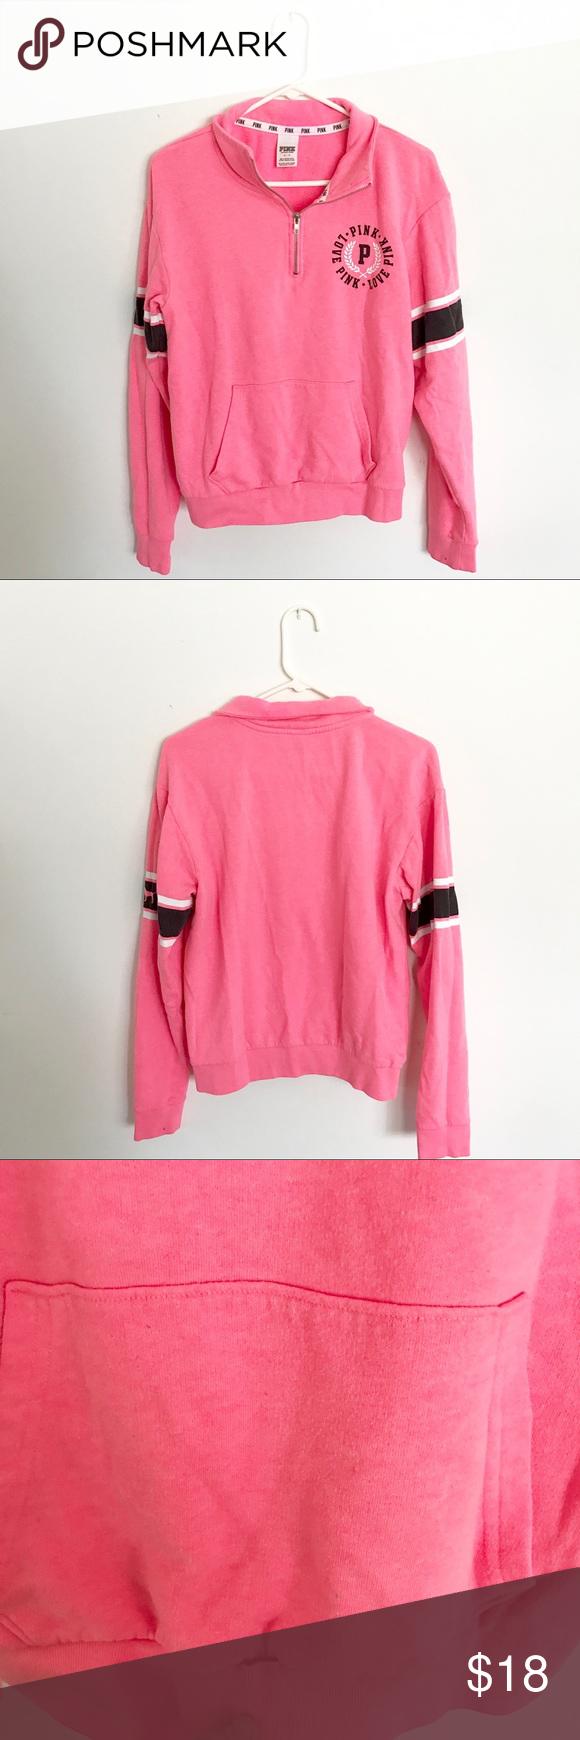 VS Pink Quarter Zip Sweatshirt Victoria's Secret Pink hot pink ...